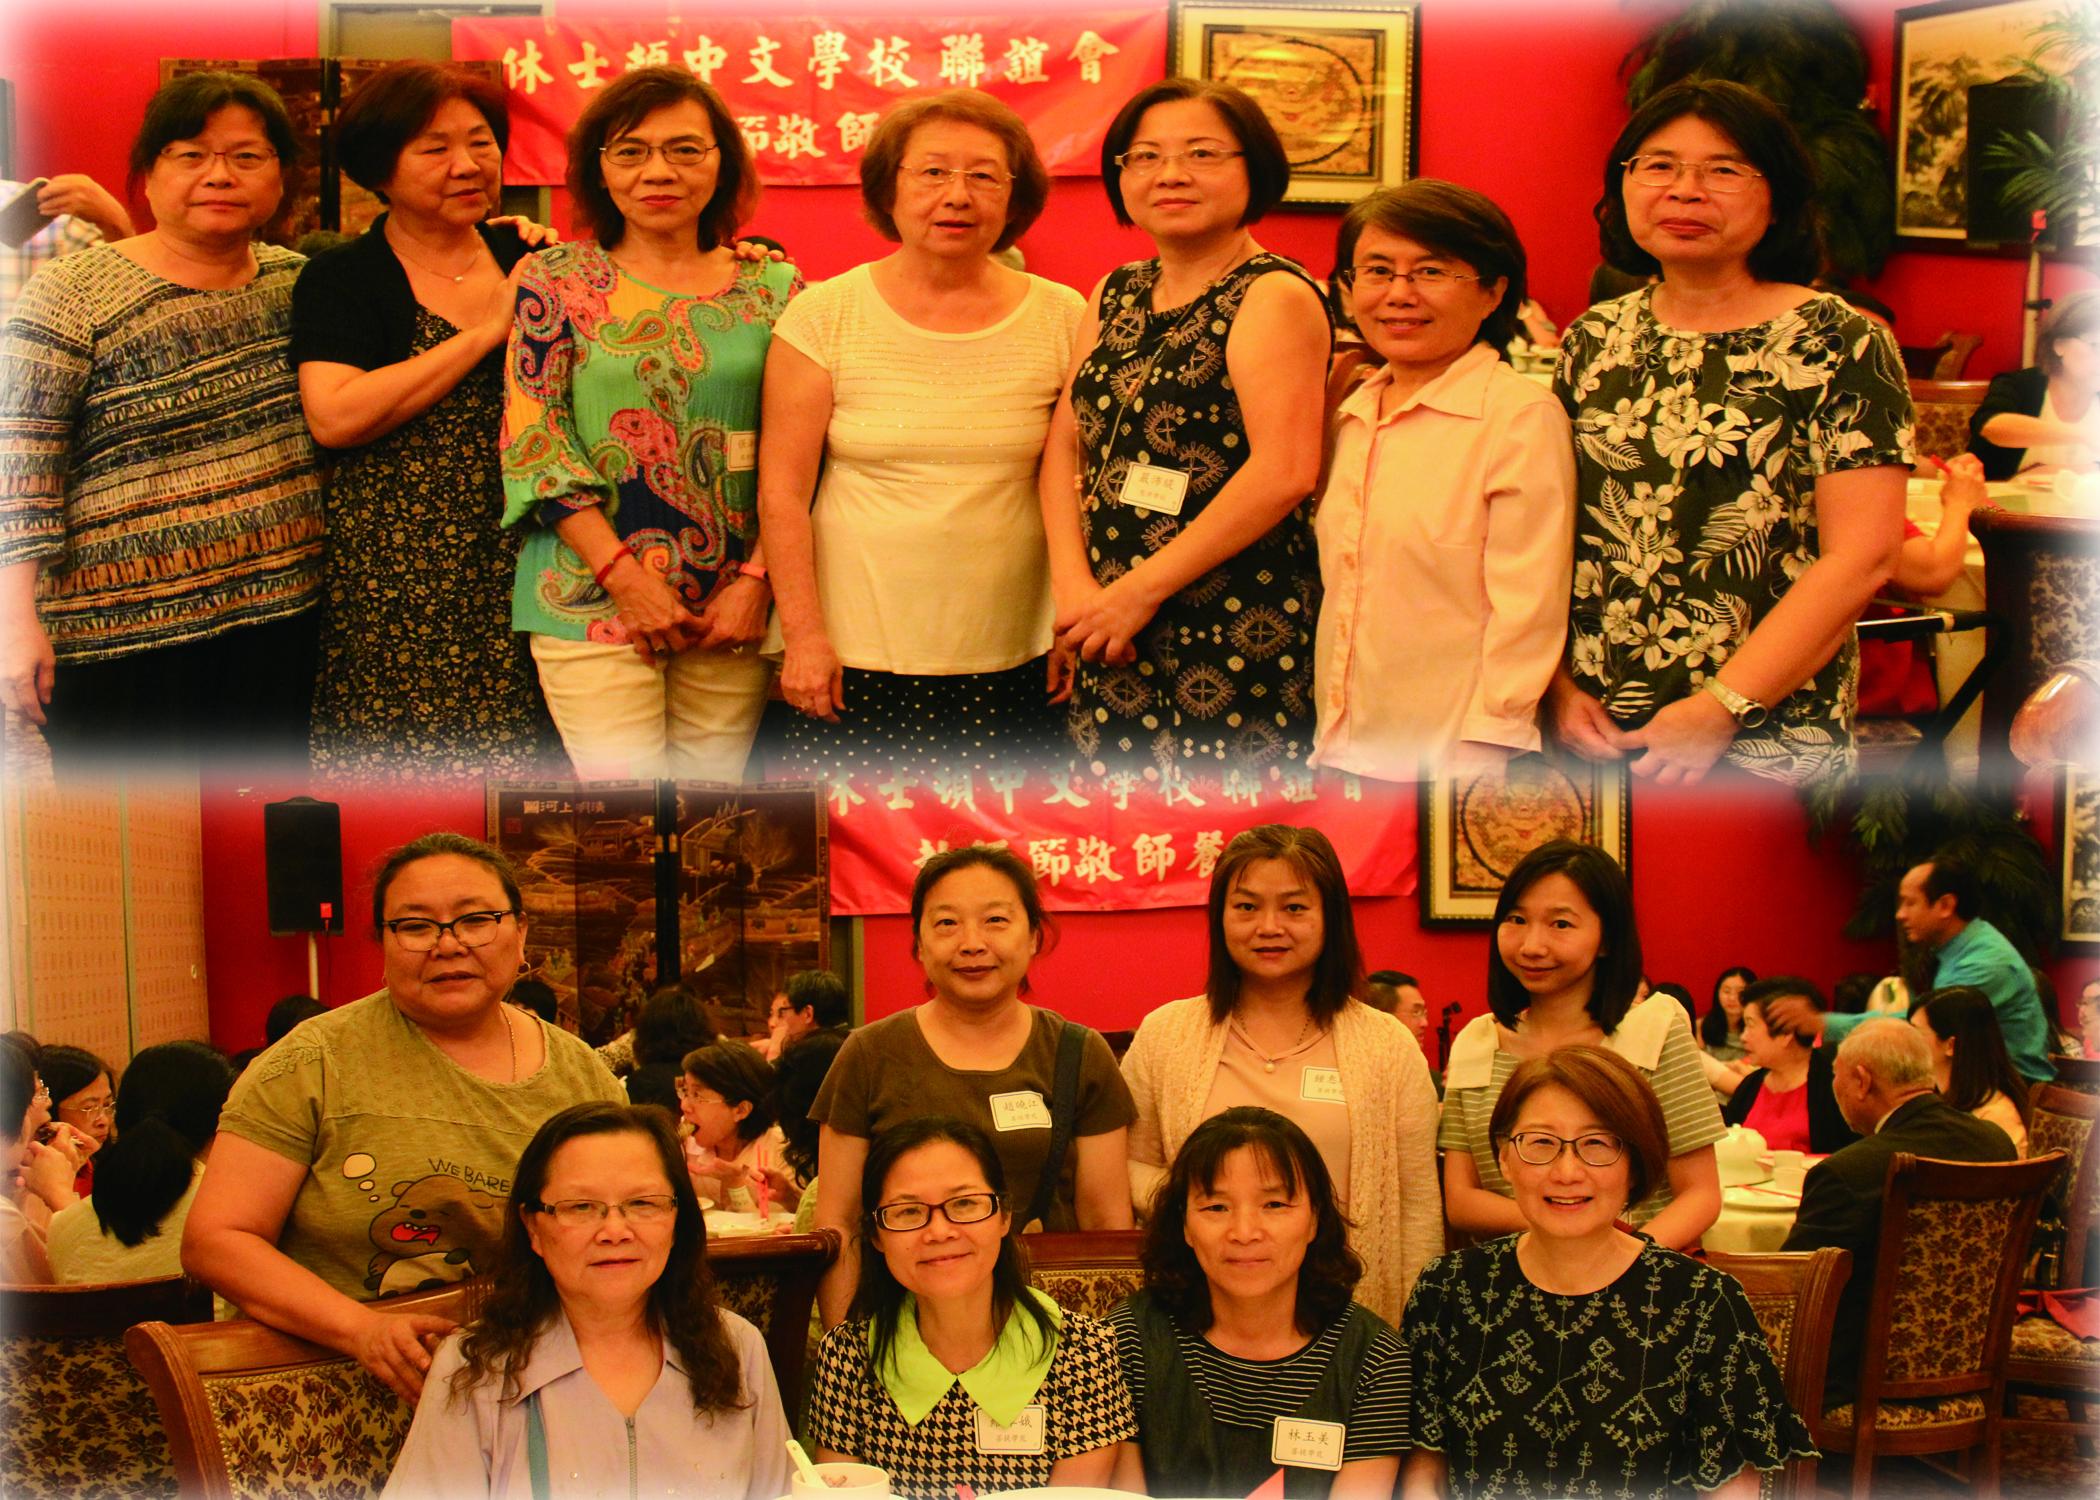 慈濟中文學校教師(上圖)、菩堤中文學校教師(下圖)開心出席餐會。